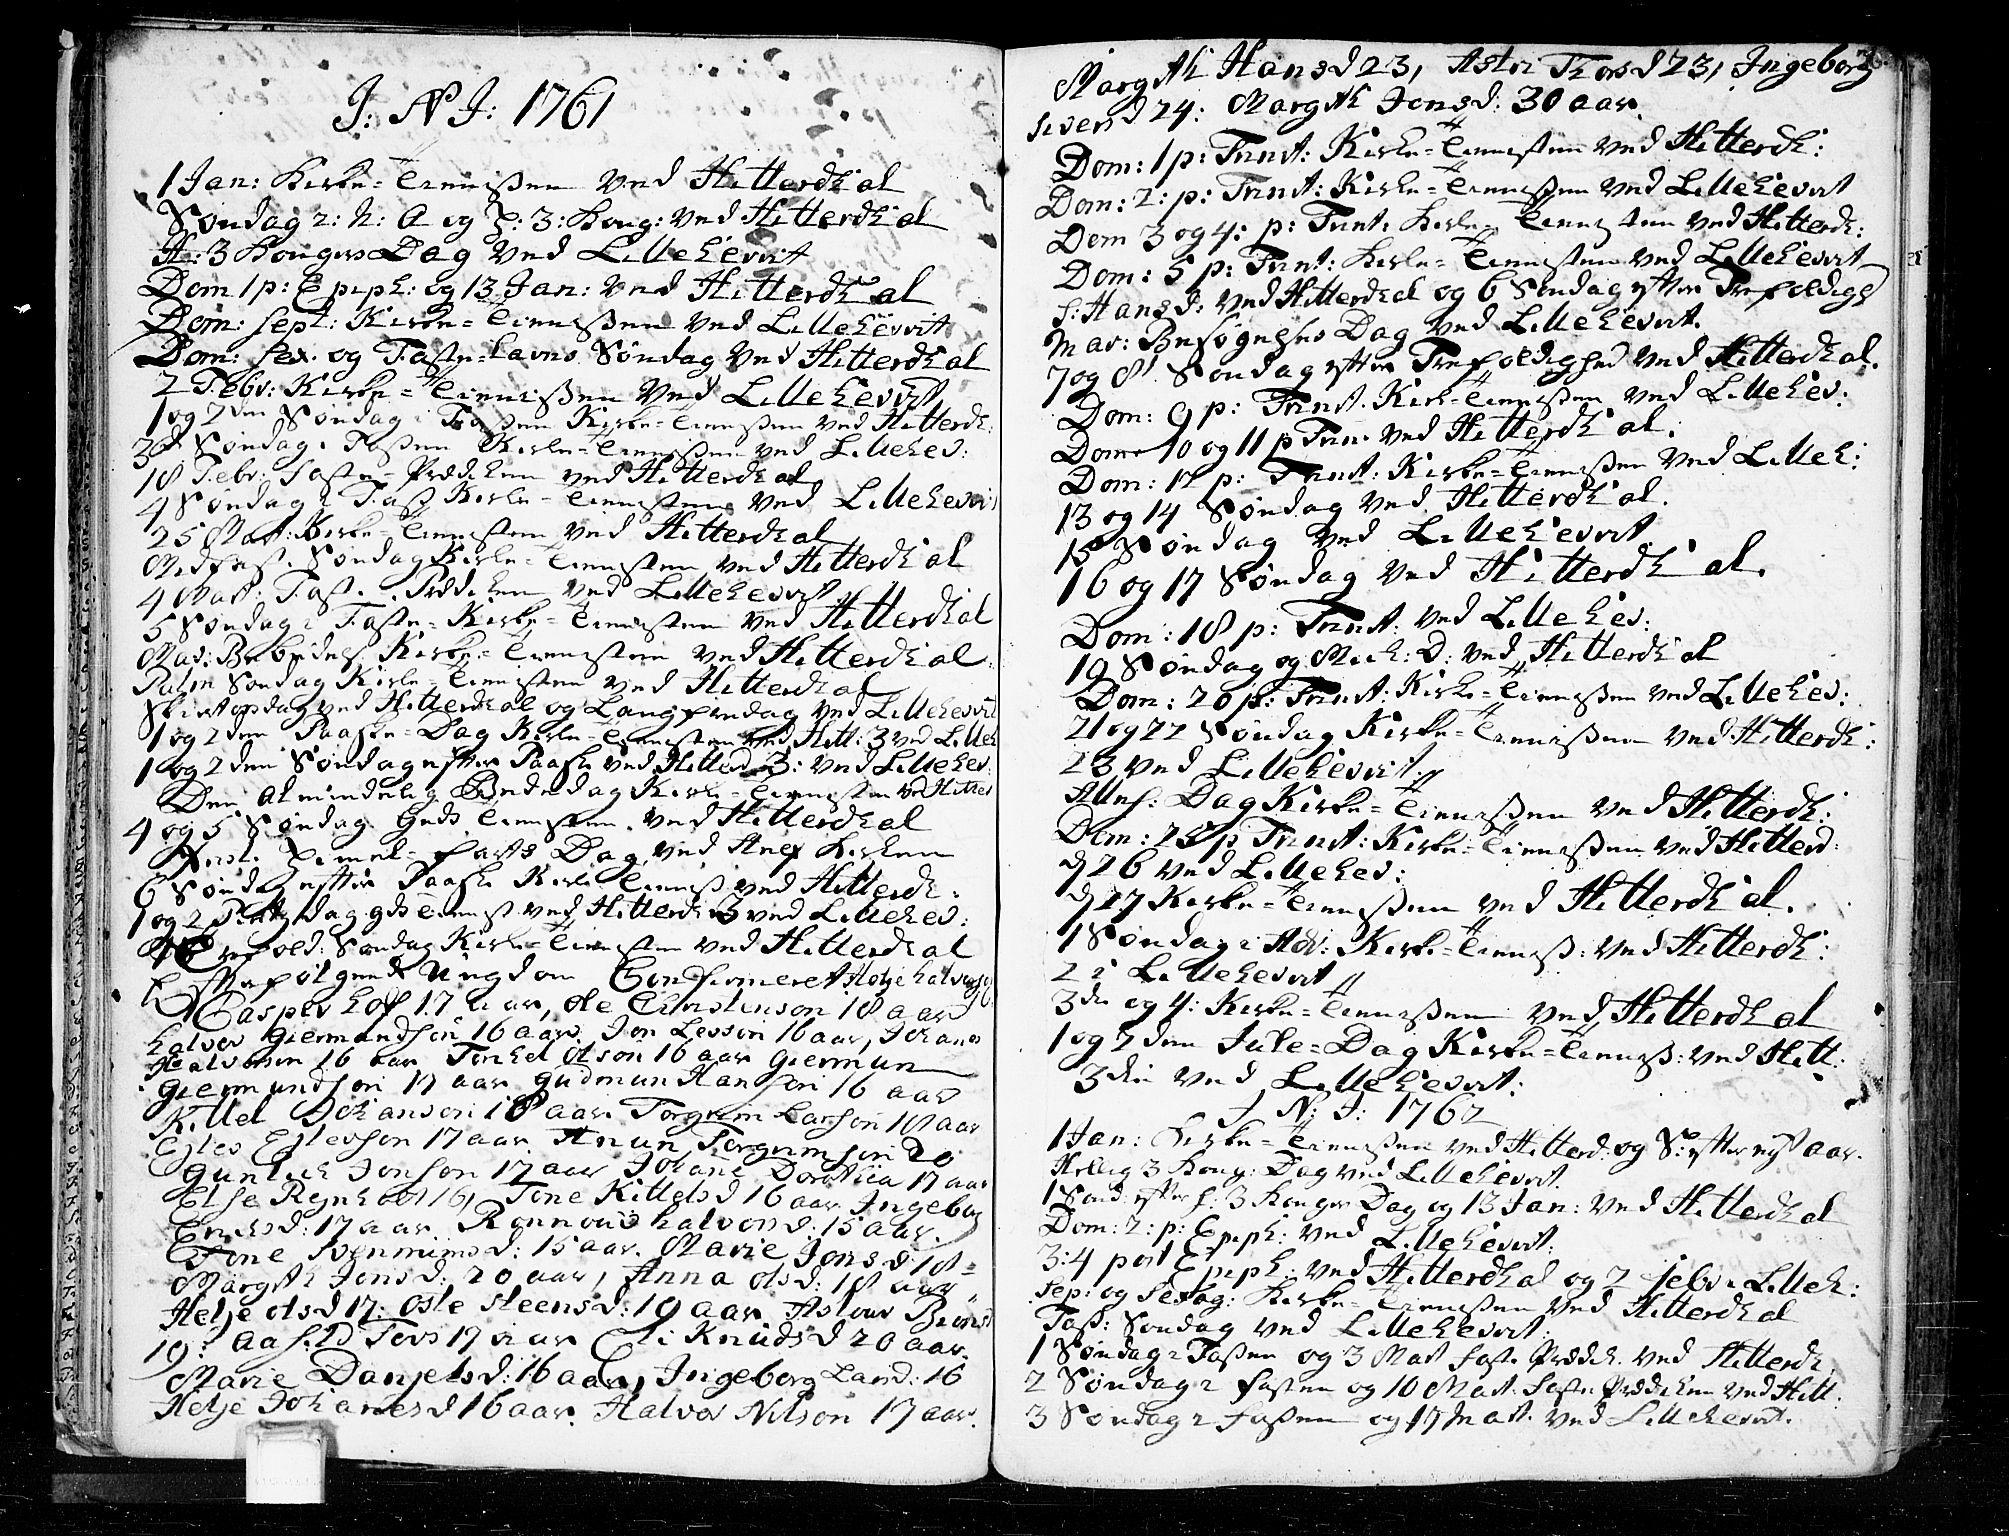 SAKO, Heddal kirkebøker, F/Fa/L0003: Ministerialbok nr. I 3, 1723-1783, s. 36